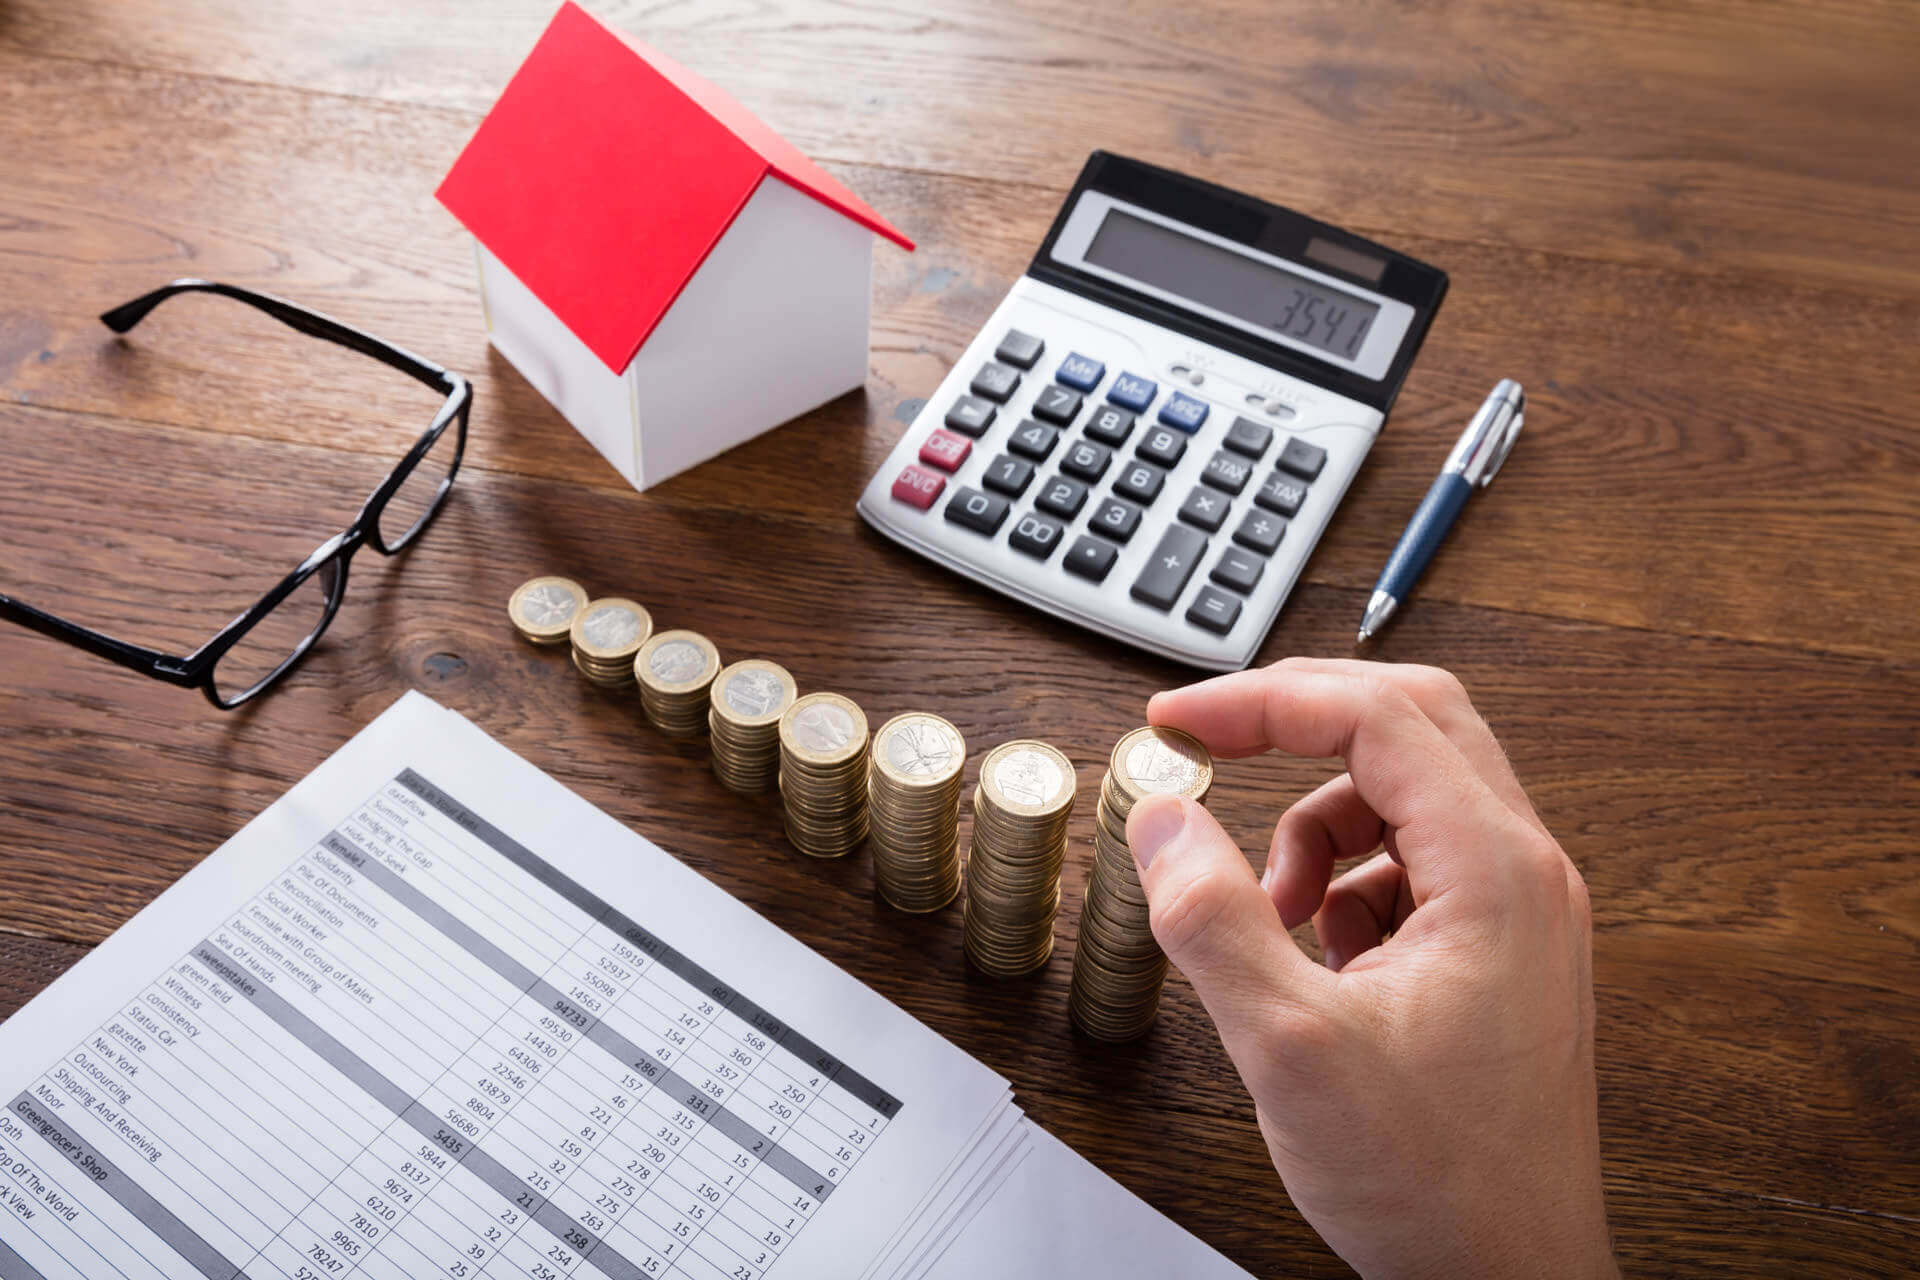 Qual a importância do reajuste na taxa condominial?